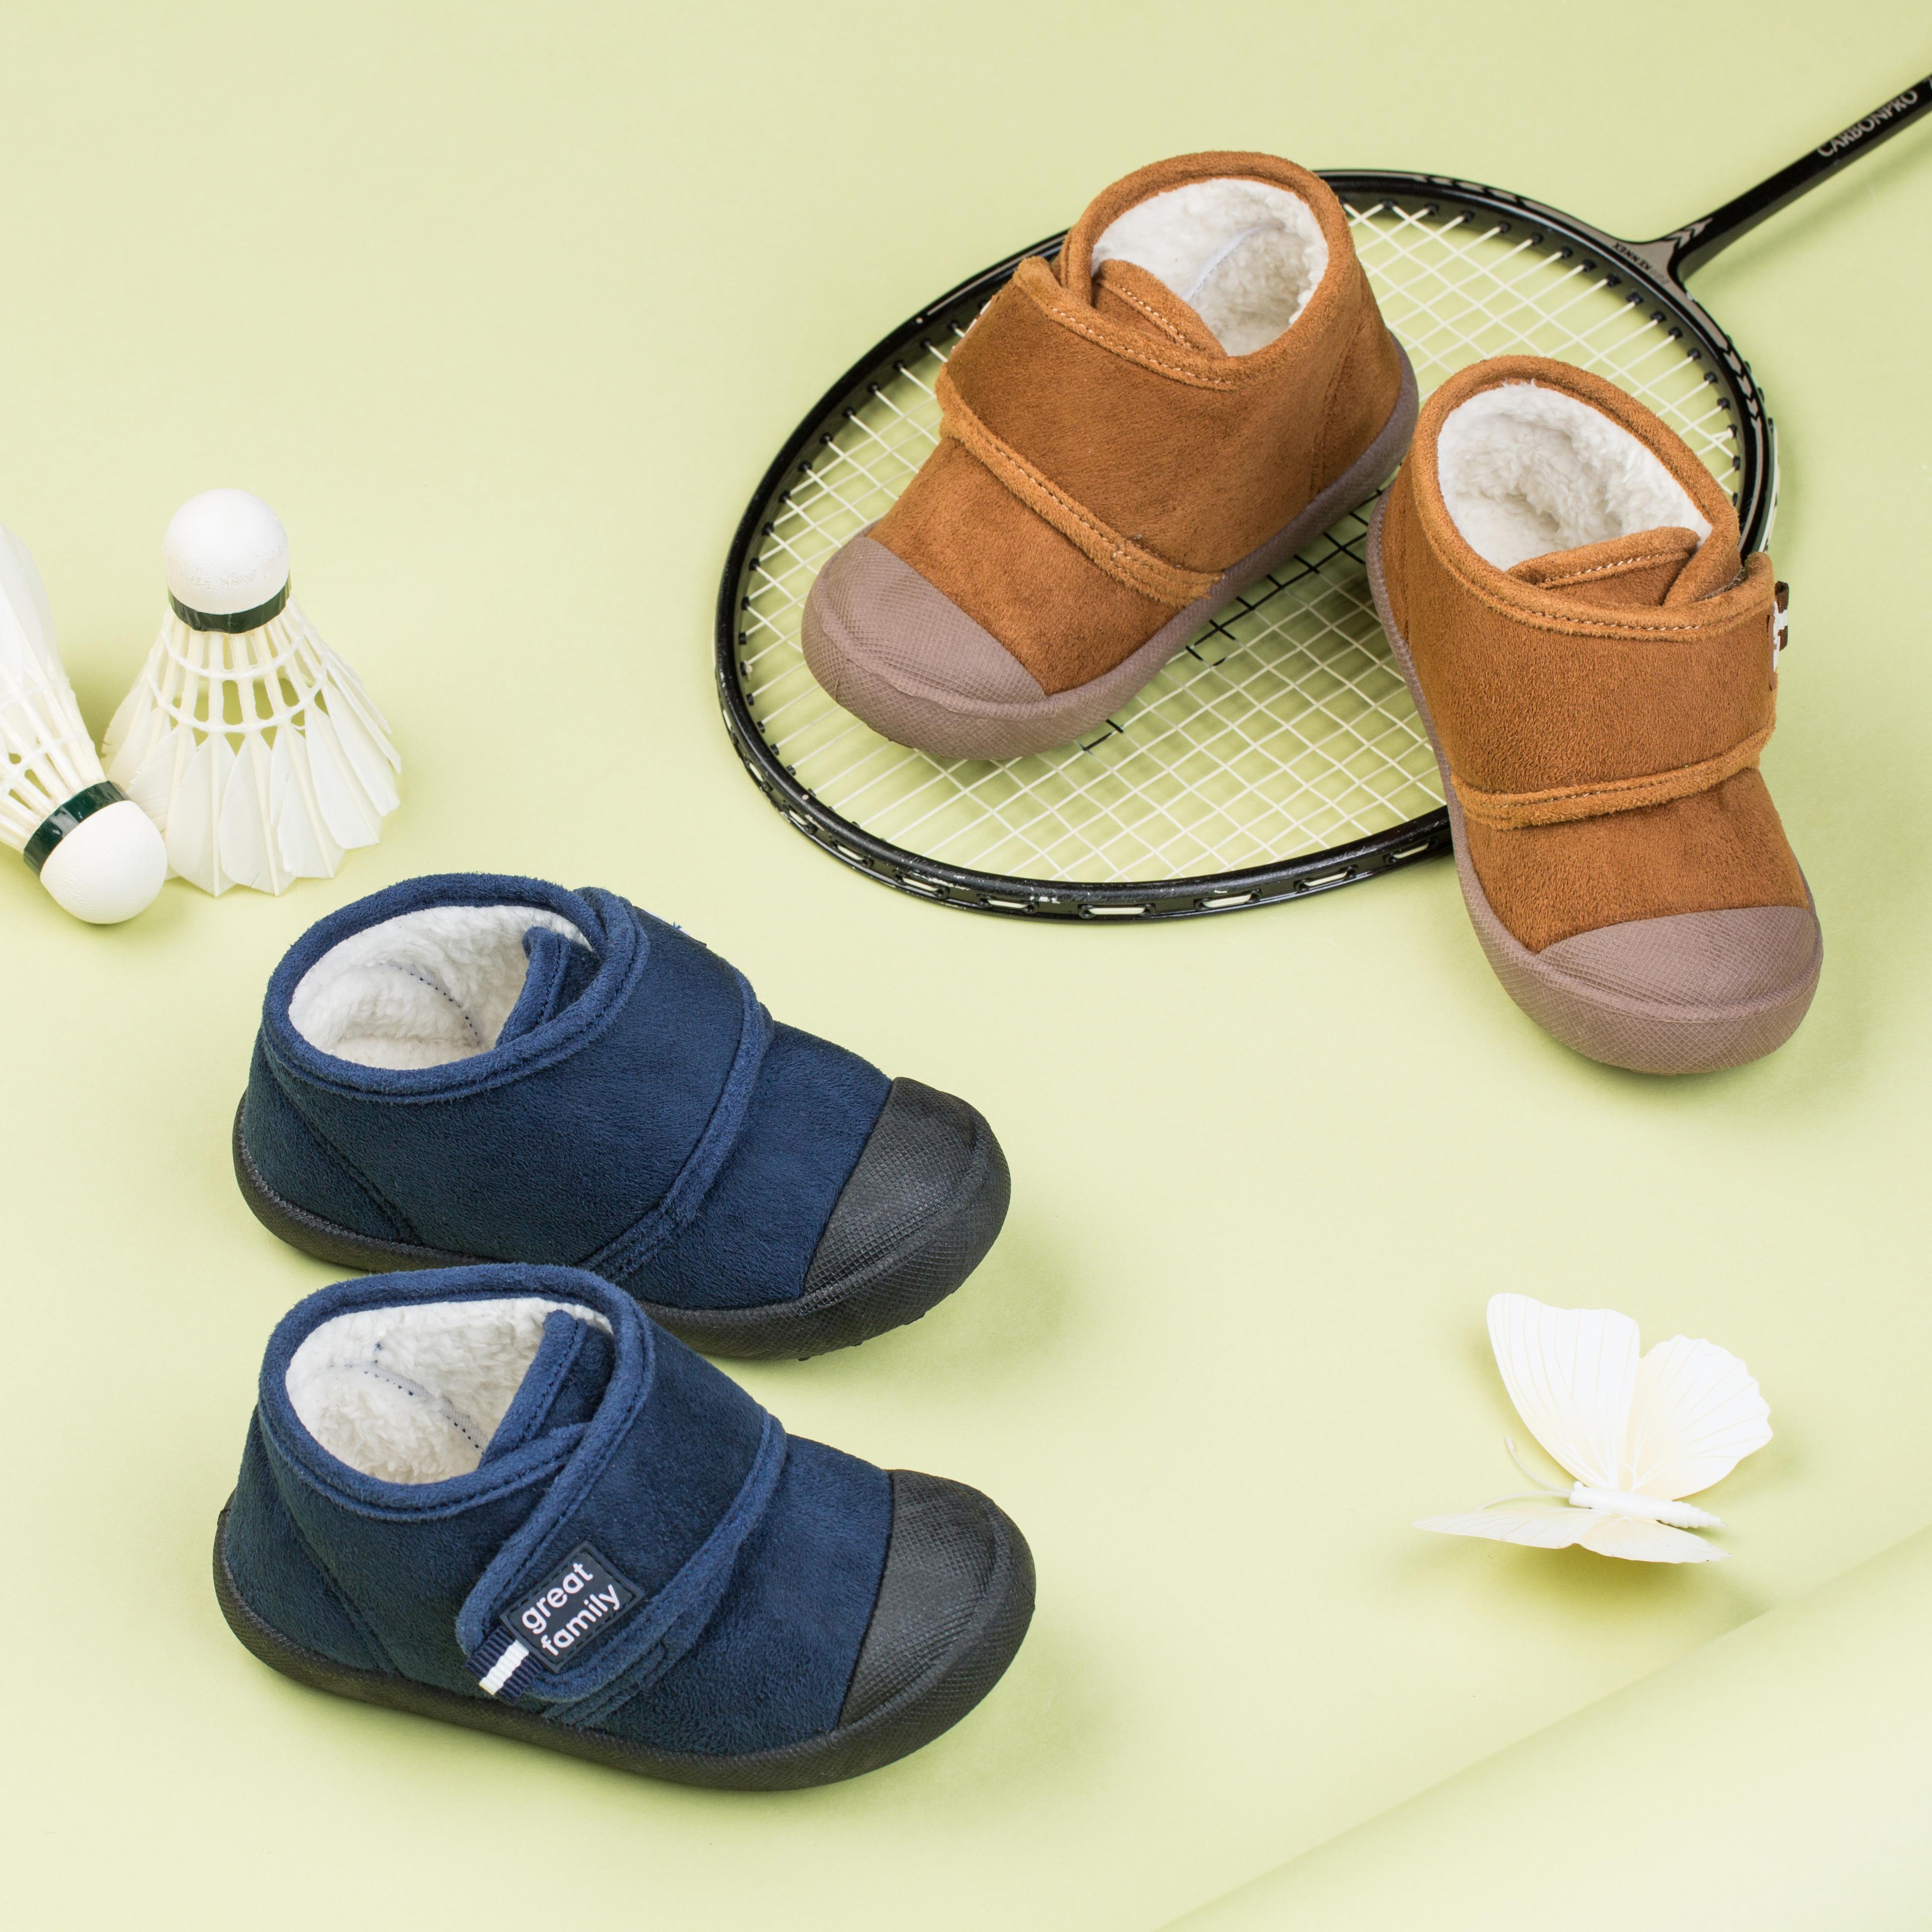 歌瑞凯儿(新)男婴休闲鞋GKR4-013SH蓝13.5CM双